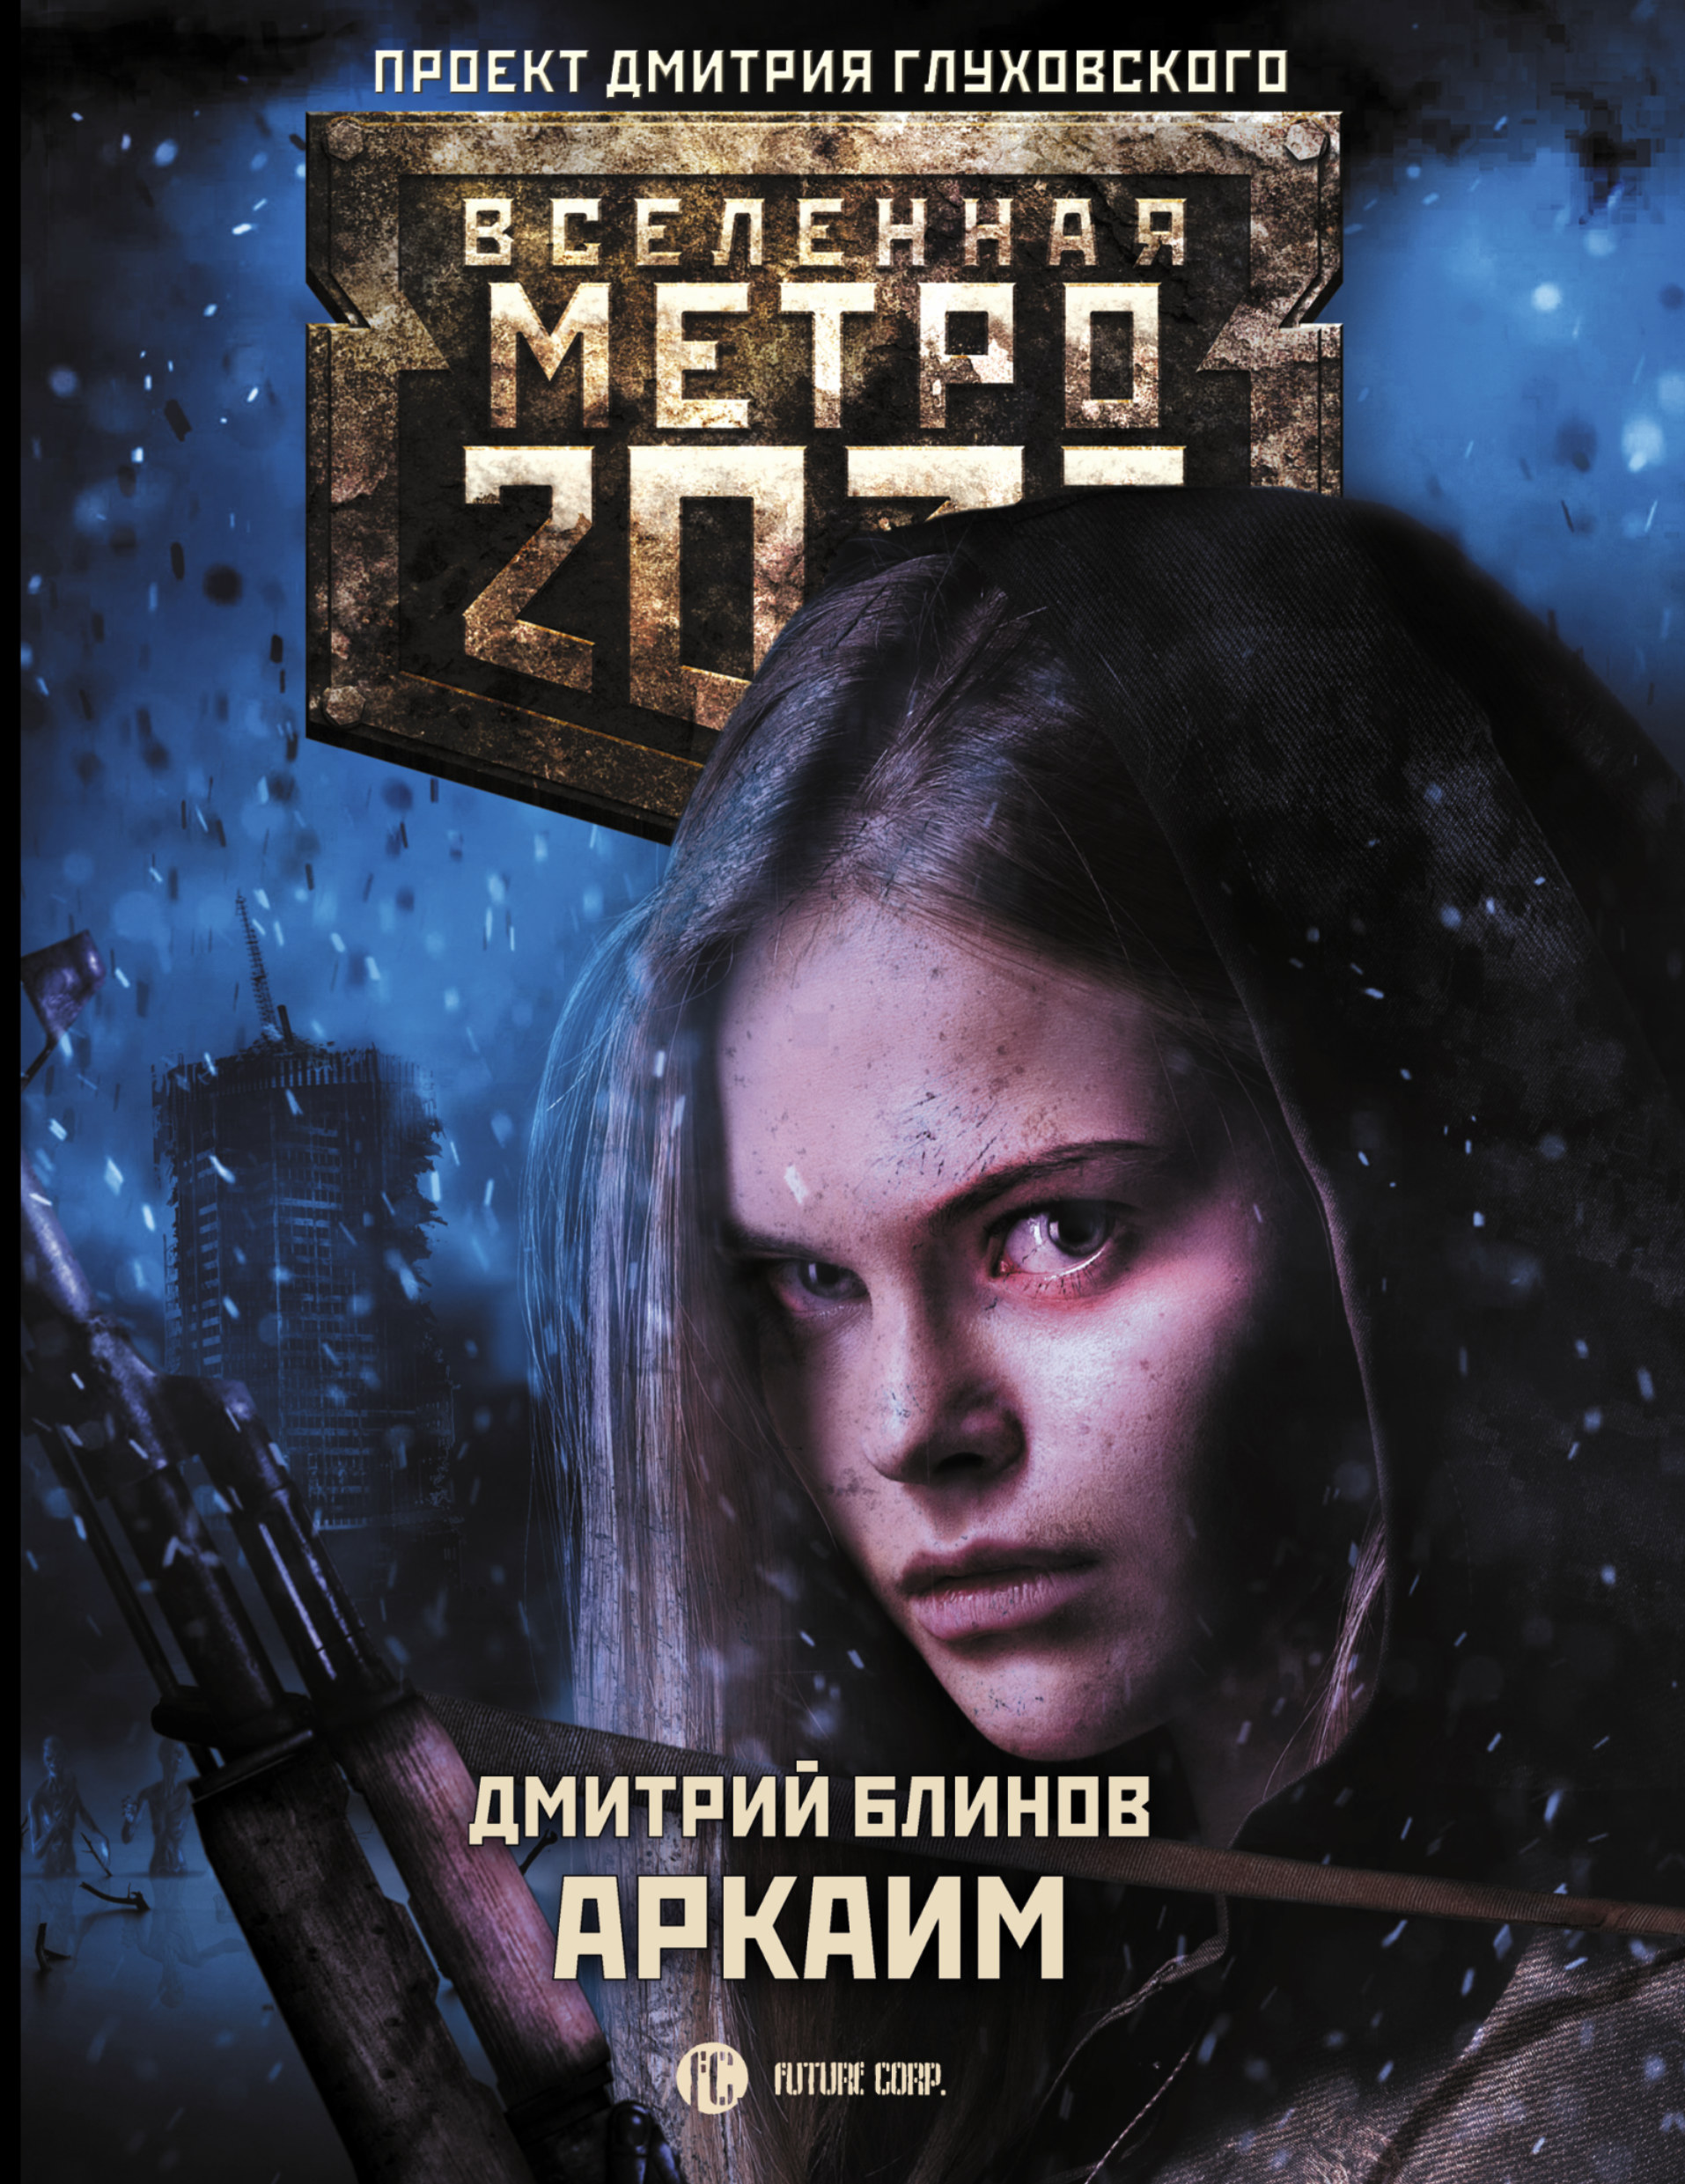 Блинов Дмитрий Леонидович Метро 2033: Аркаим